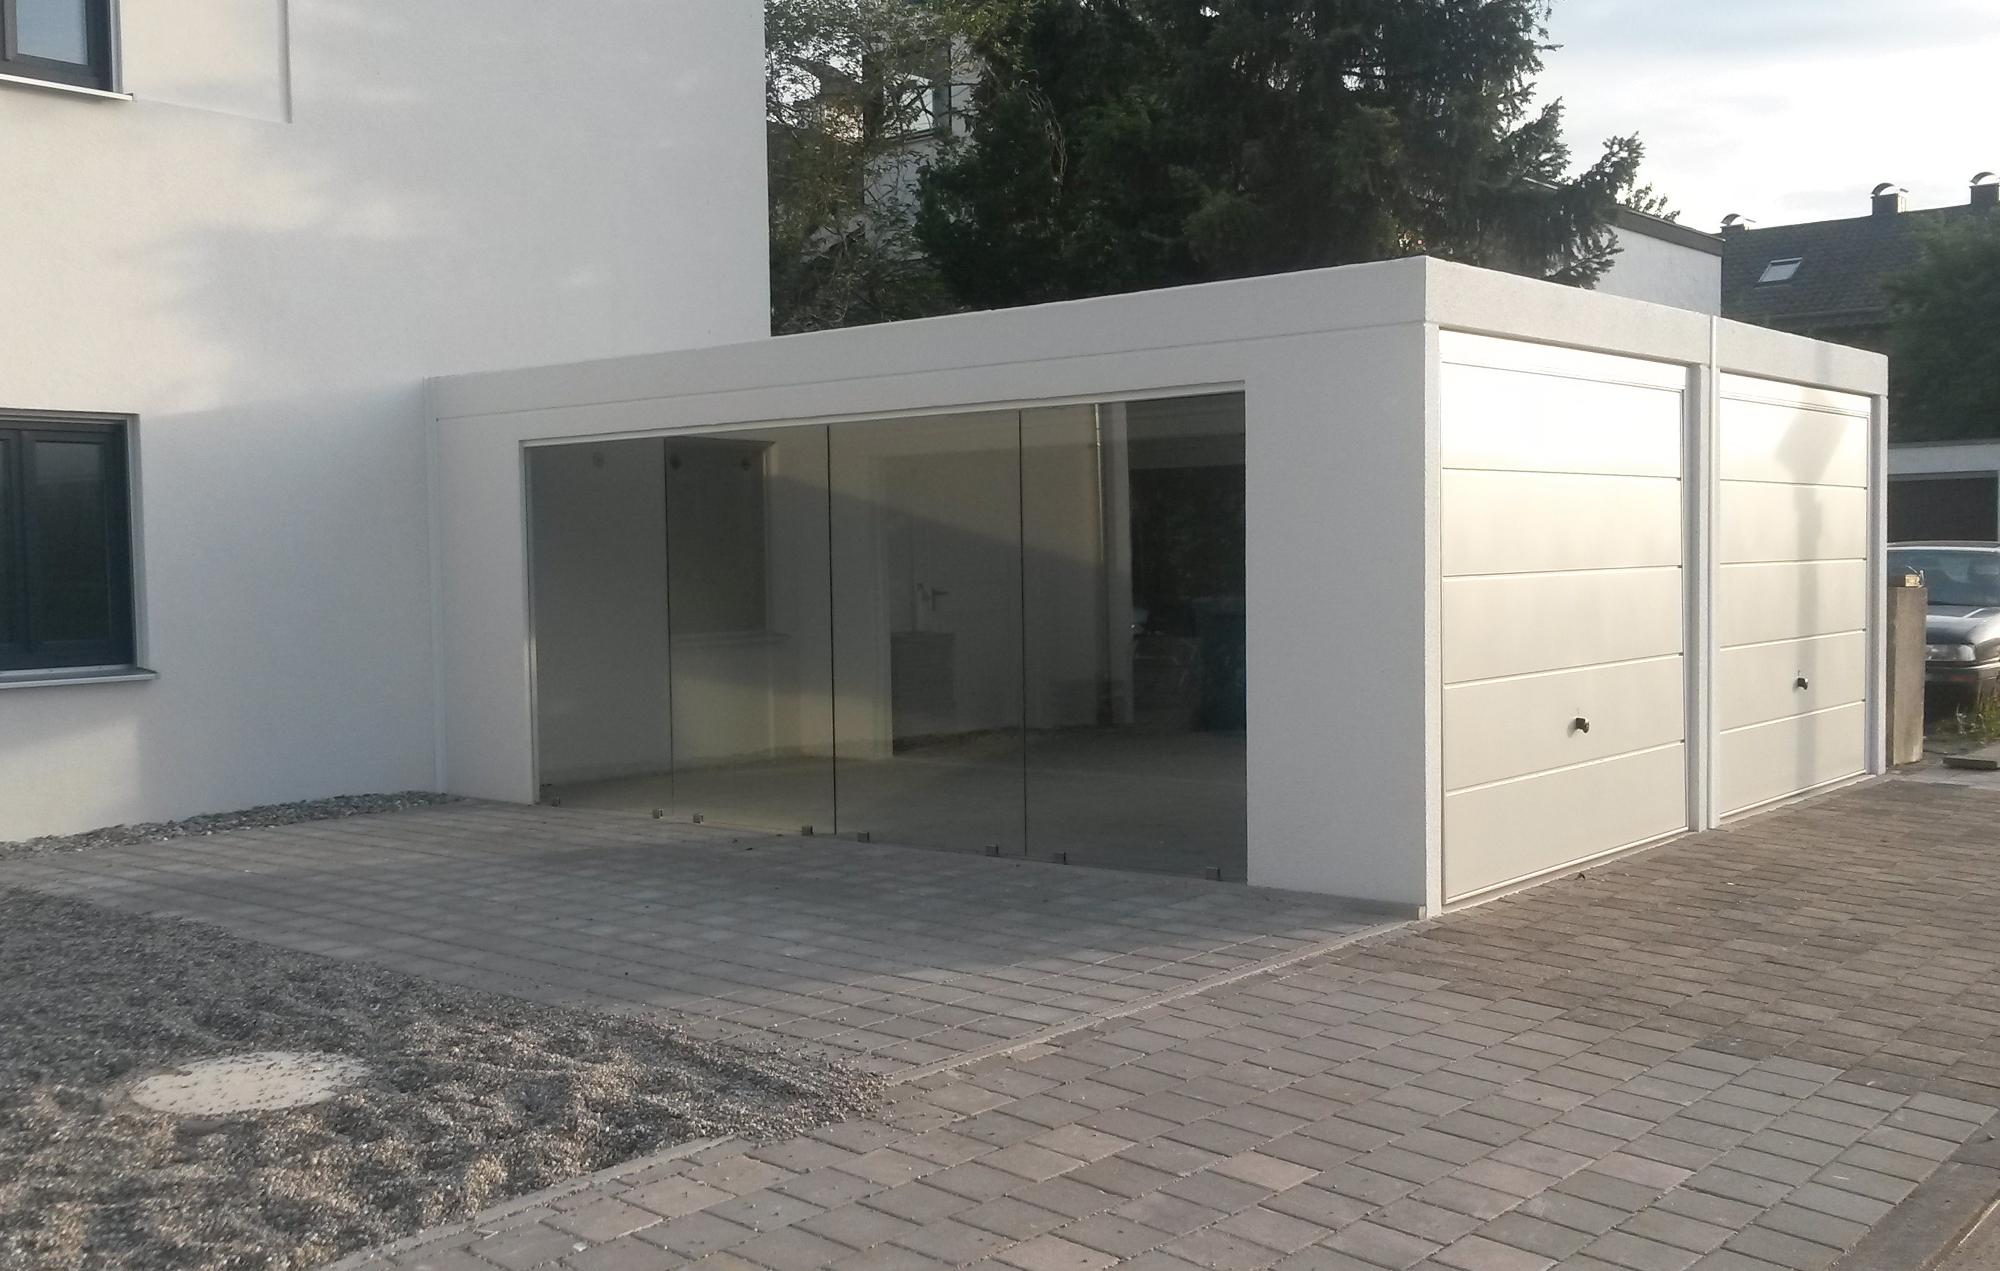 Doppelgarage mit Fensterwand